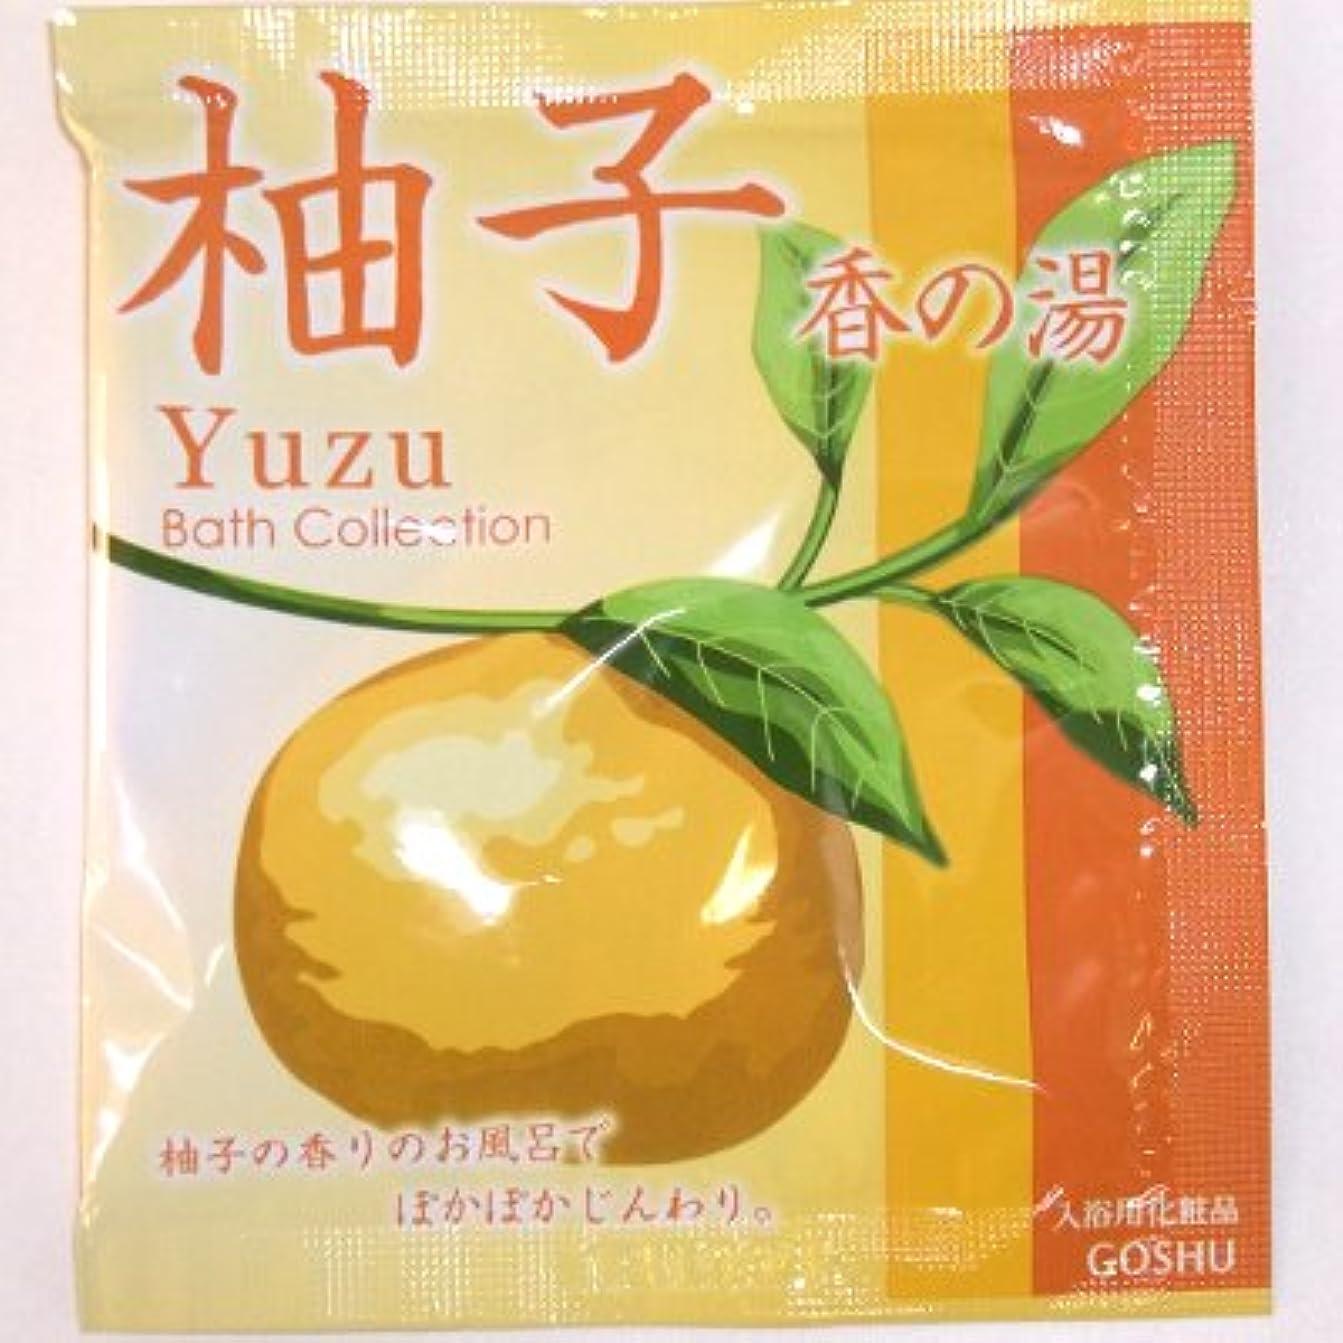 構造的評価する取り扱い香の湯 柚子